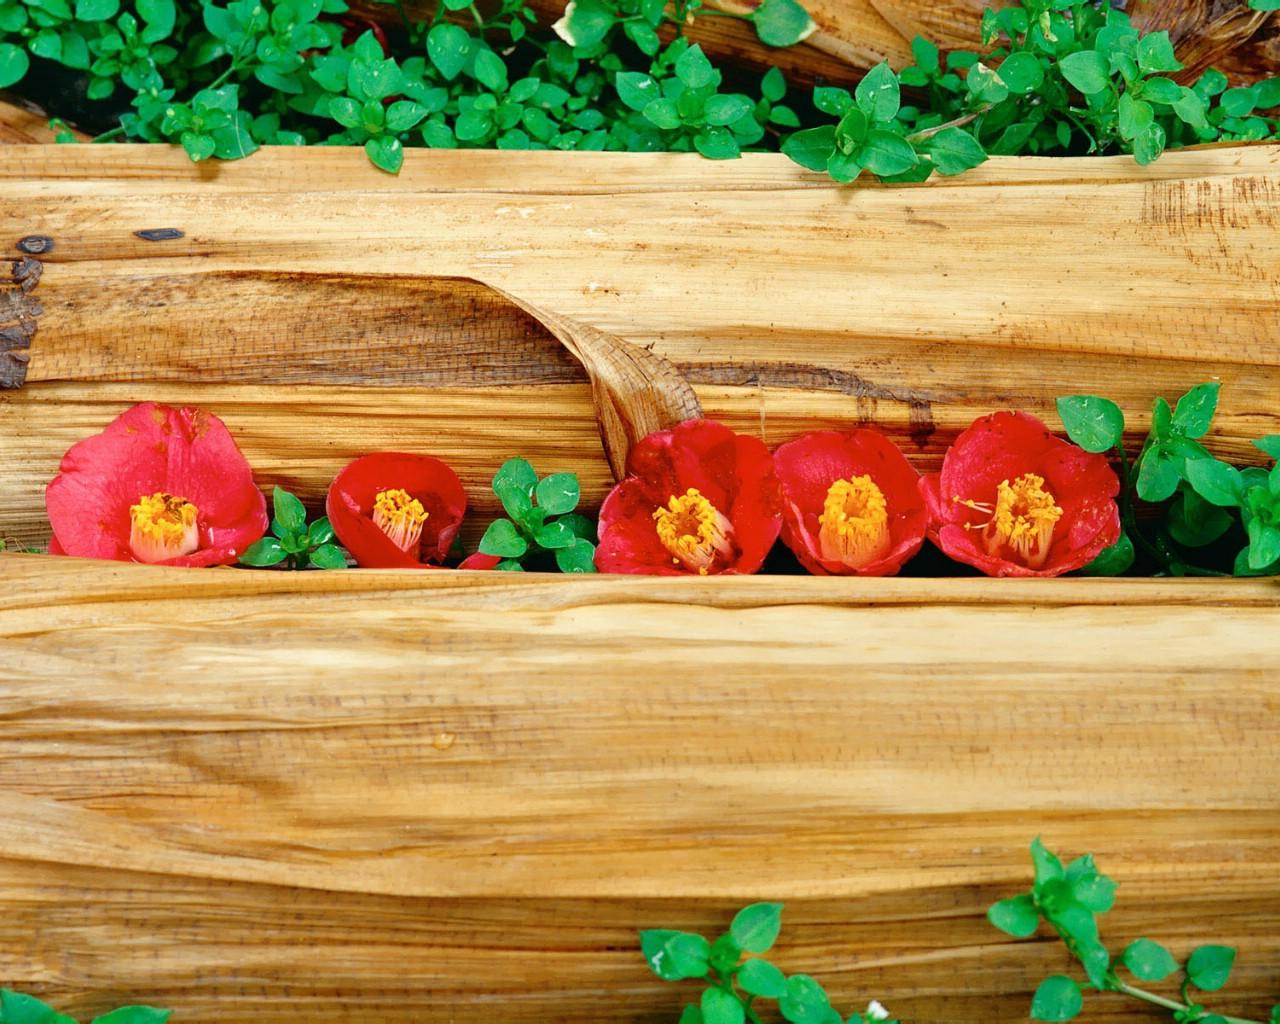 壁纸1280×10246种尺寸 韩国花卉摄影壁纸 Professional flower photography壁纸 韩国花卉摄影集壁纸图片花卉壁纸花卉图片素材桌面壁纸